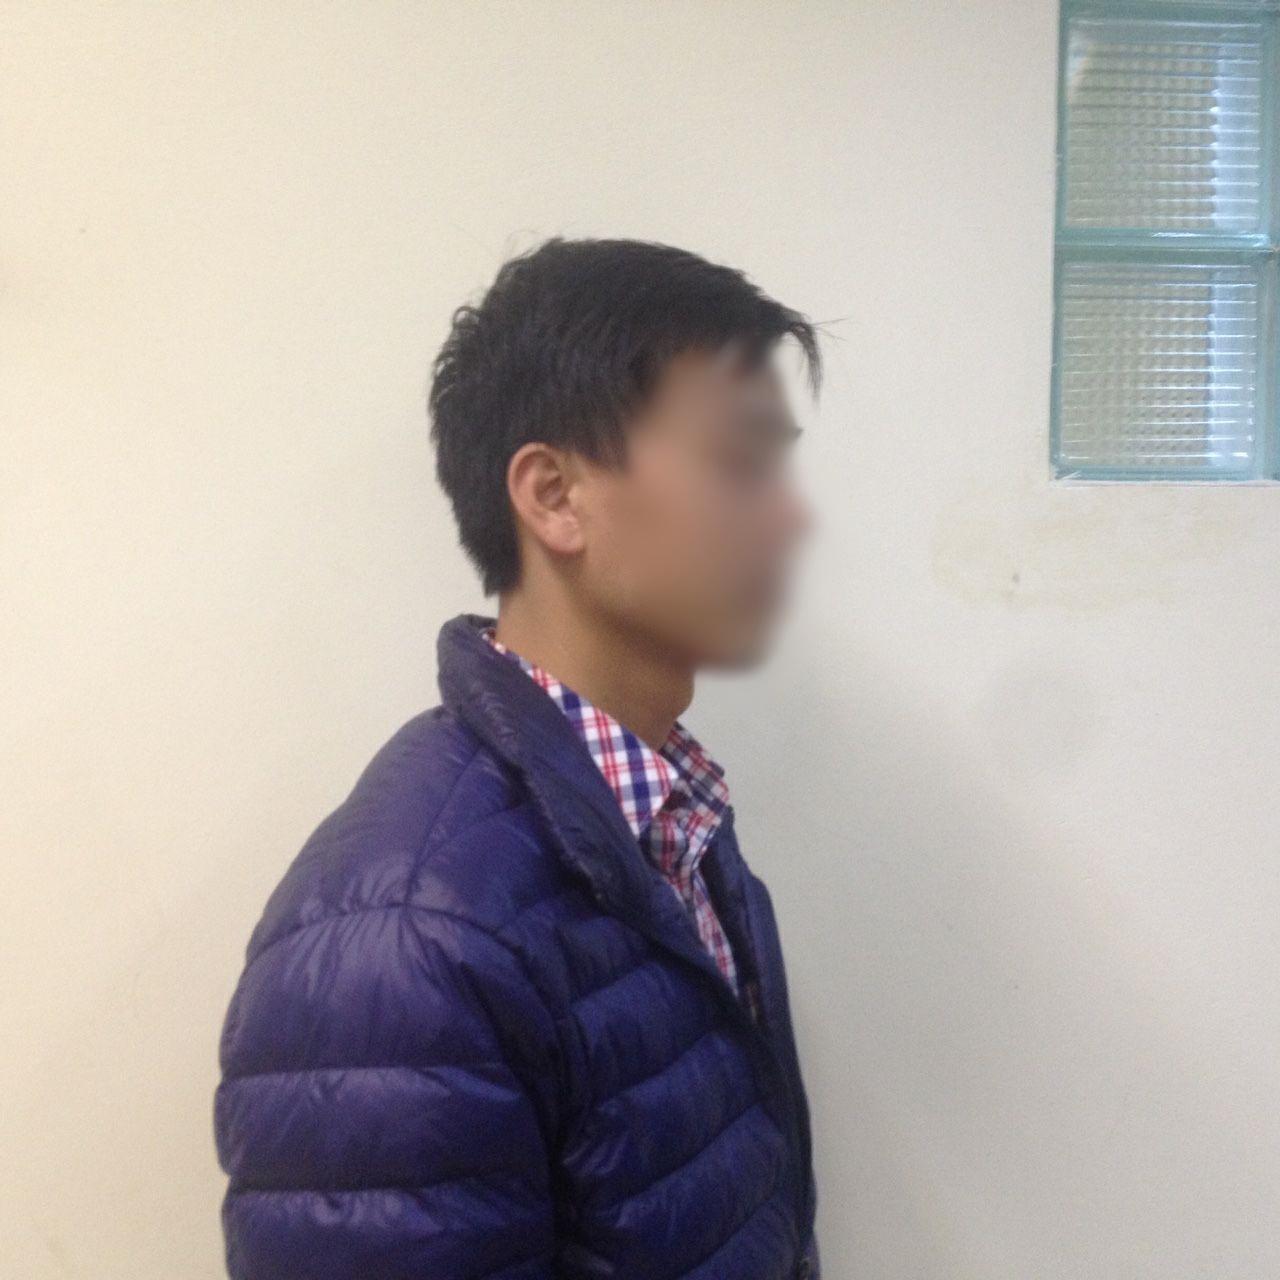 Chính thức khởi tố bị can và bắt tạm giam Cao Mạnh Hùng - Ảnh 2.